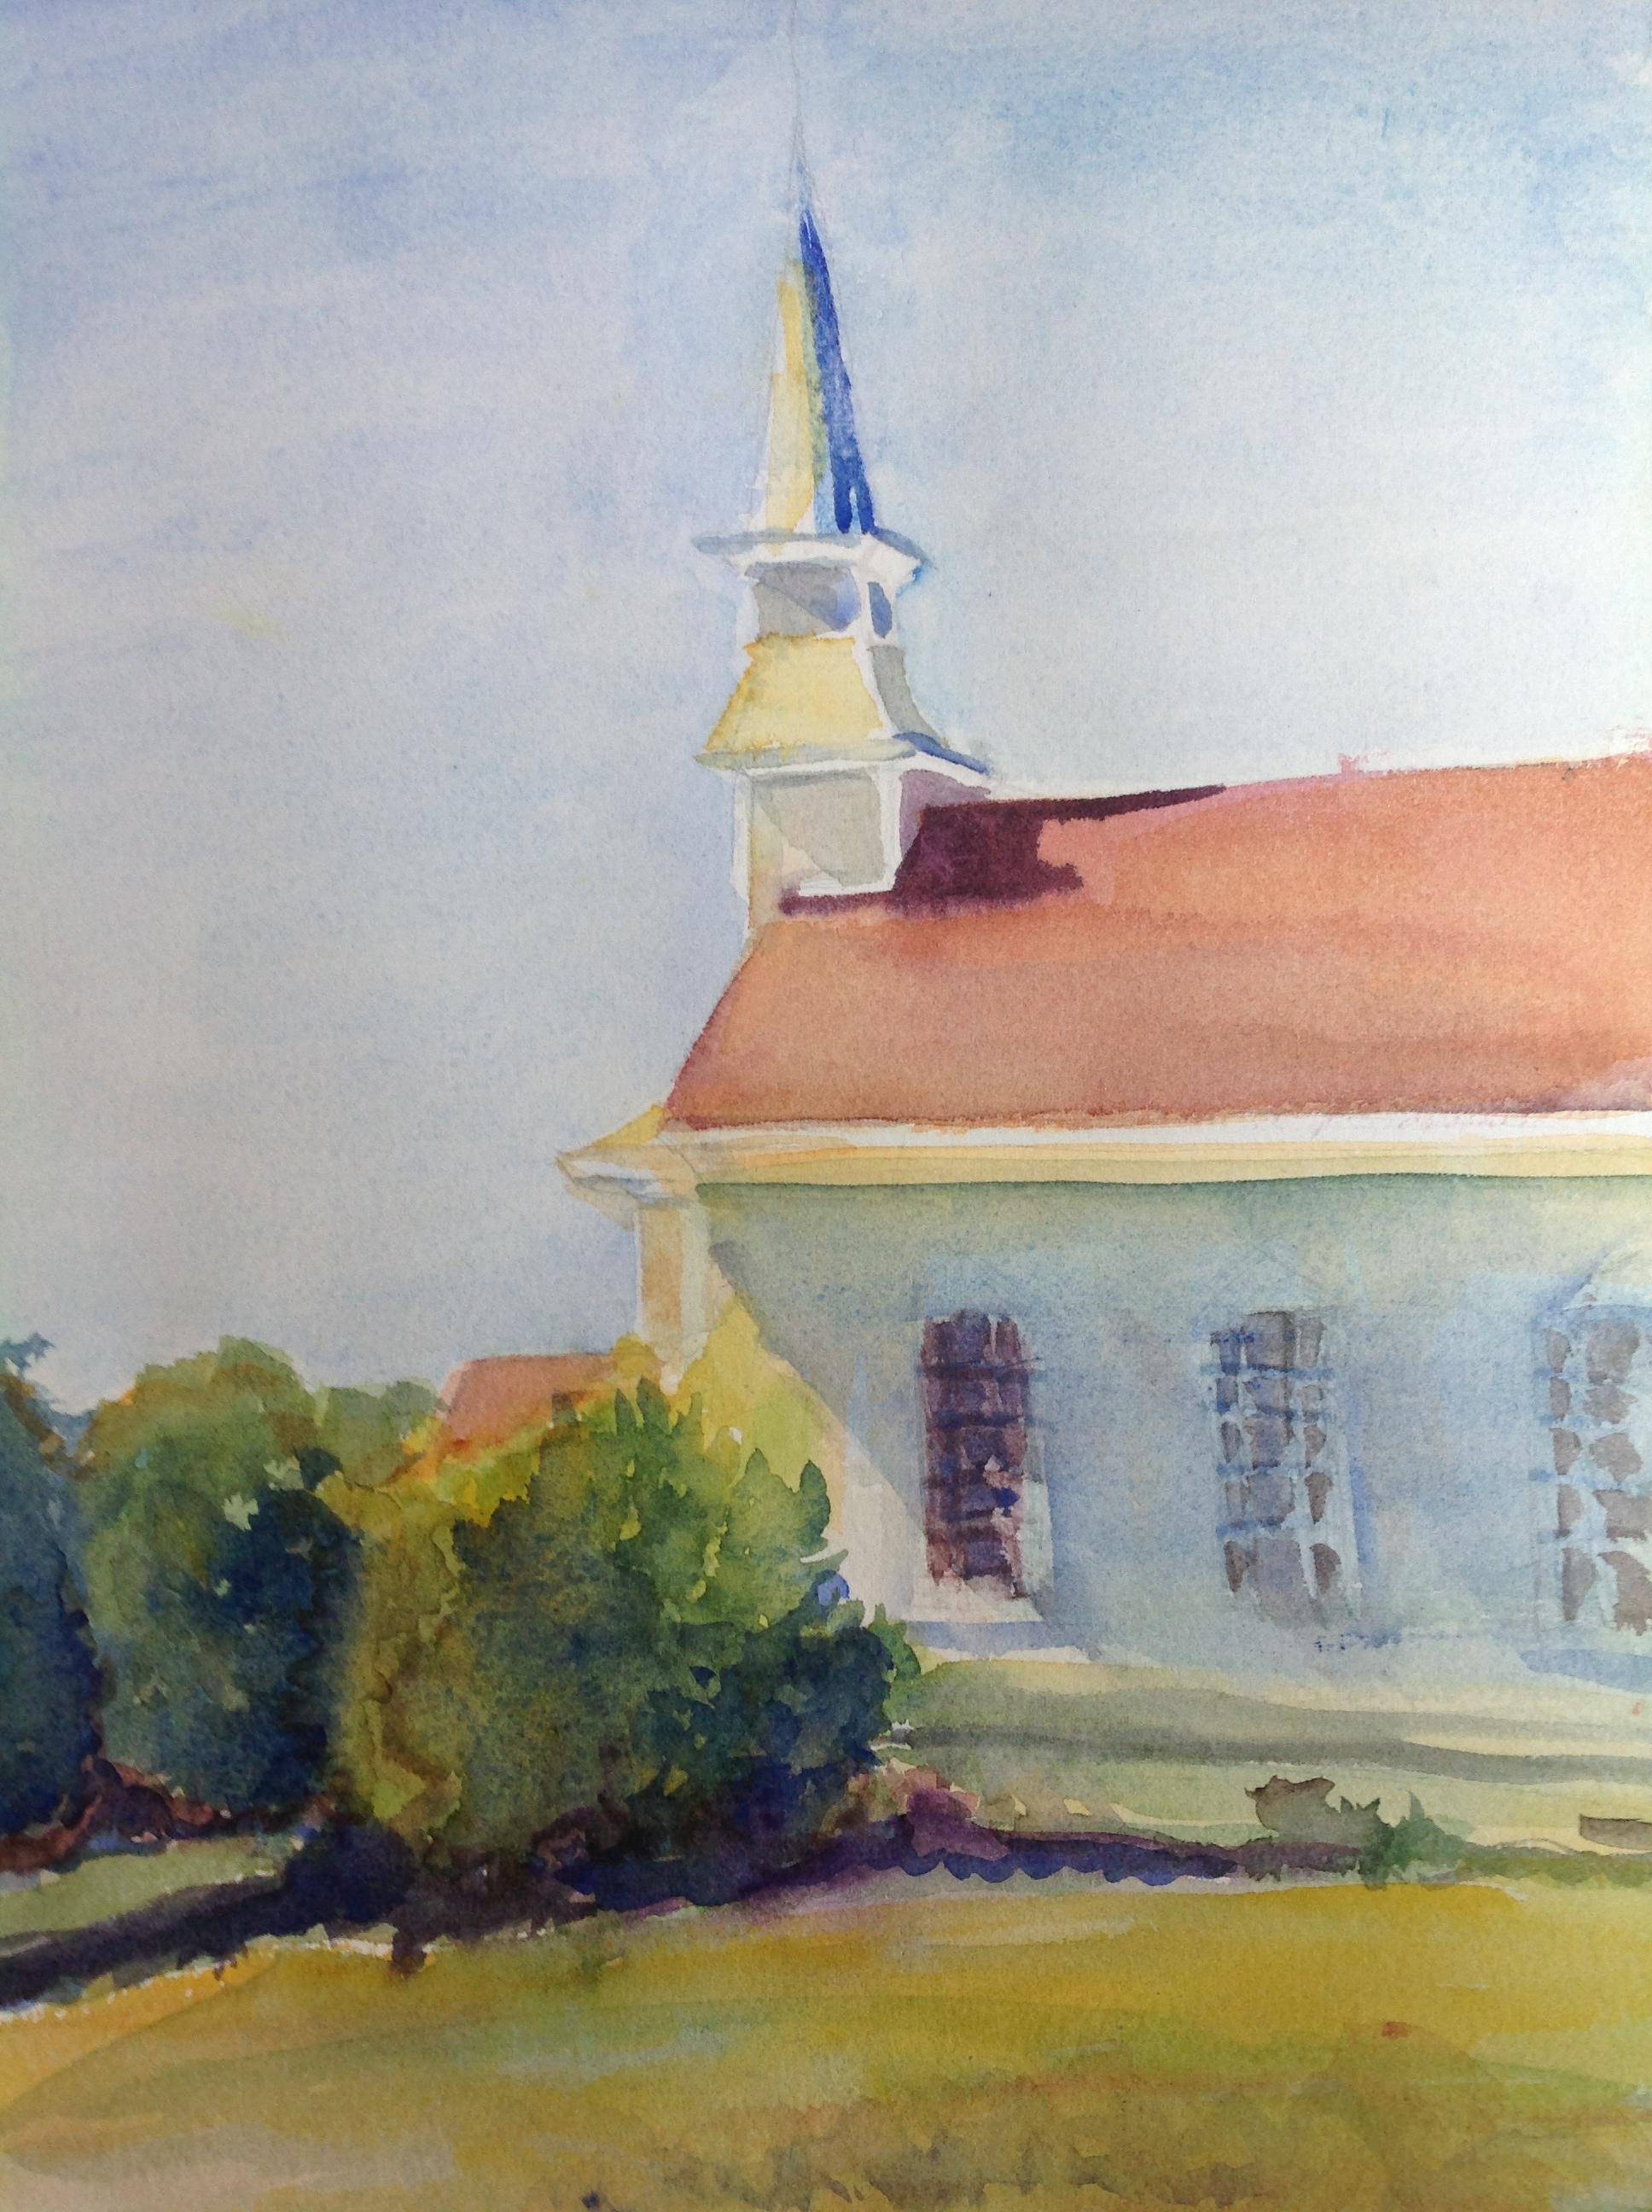 St. Mary's Church, Nicasio CA